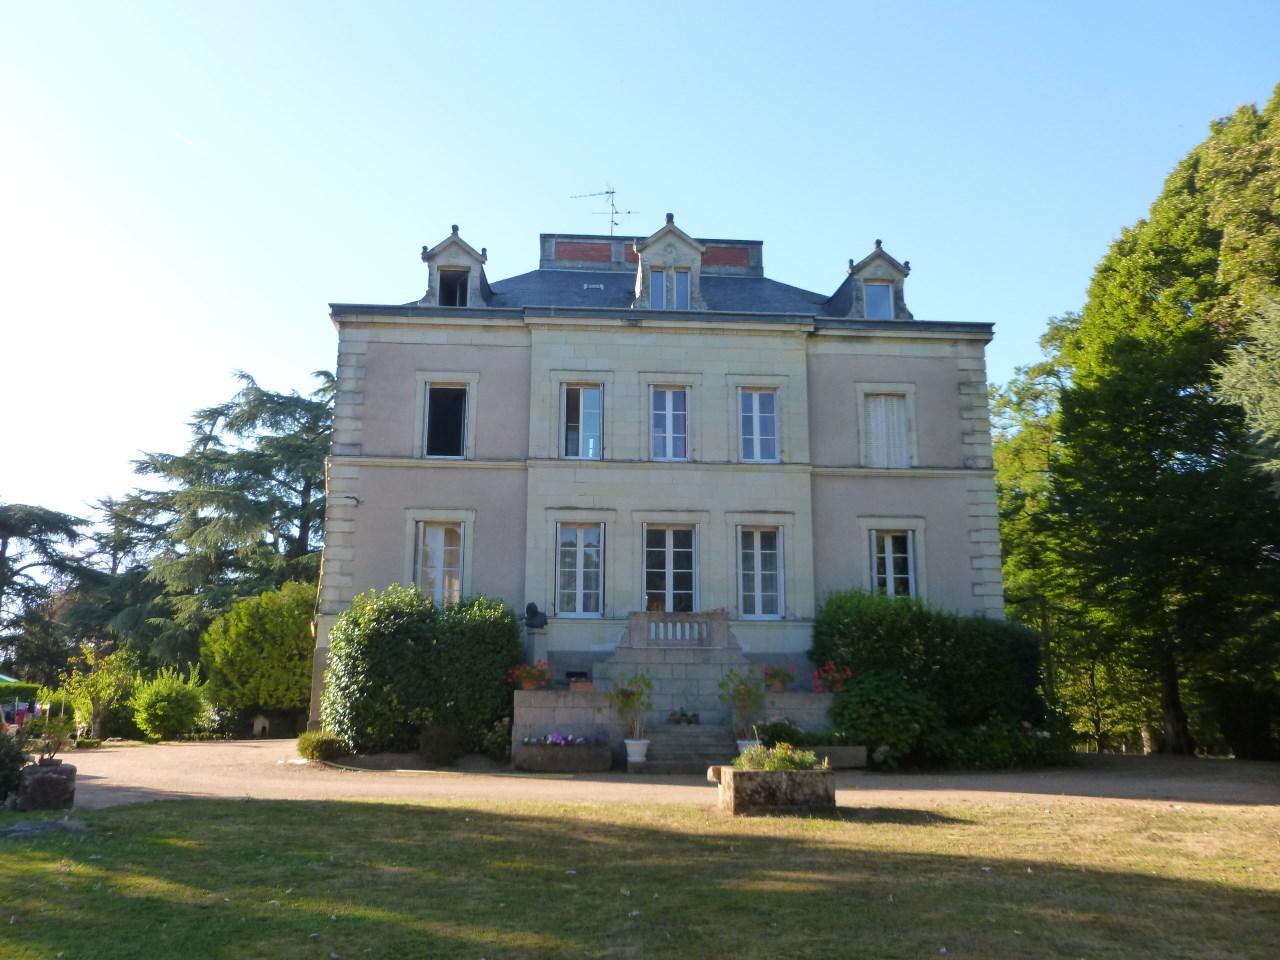 Single Family Home for Sale at JOLIE PROPRIETE SUR 13 ha, entièrement clôturée Other Pays De La Loire, Pays De La Loire 49450 France